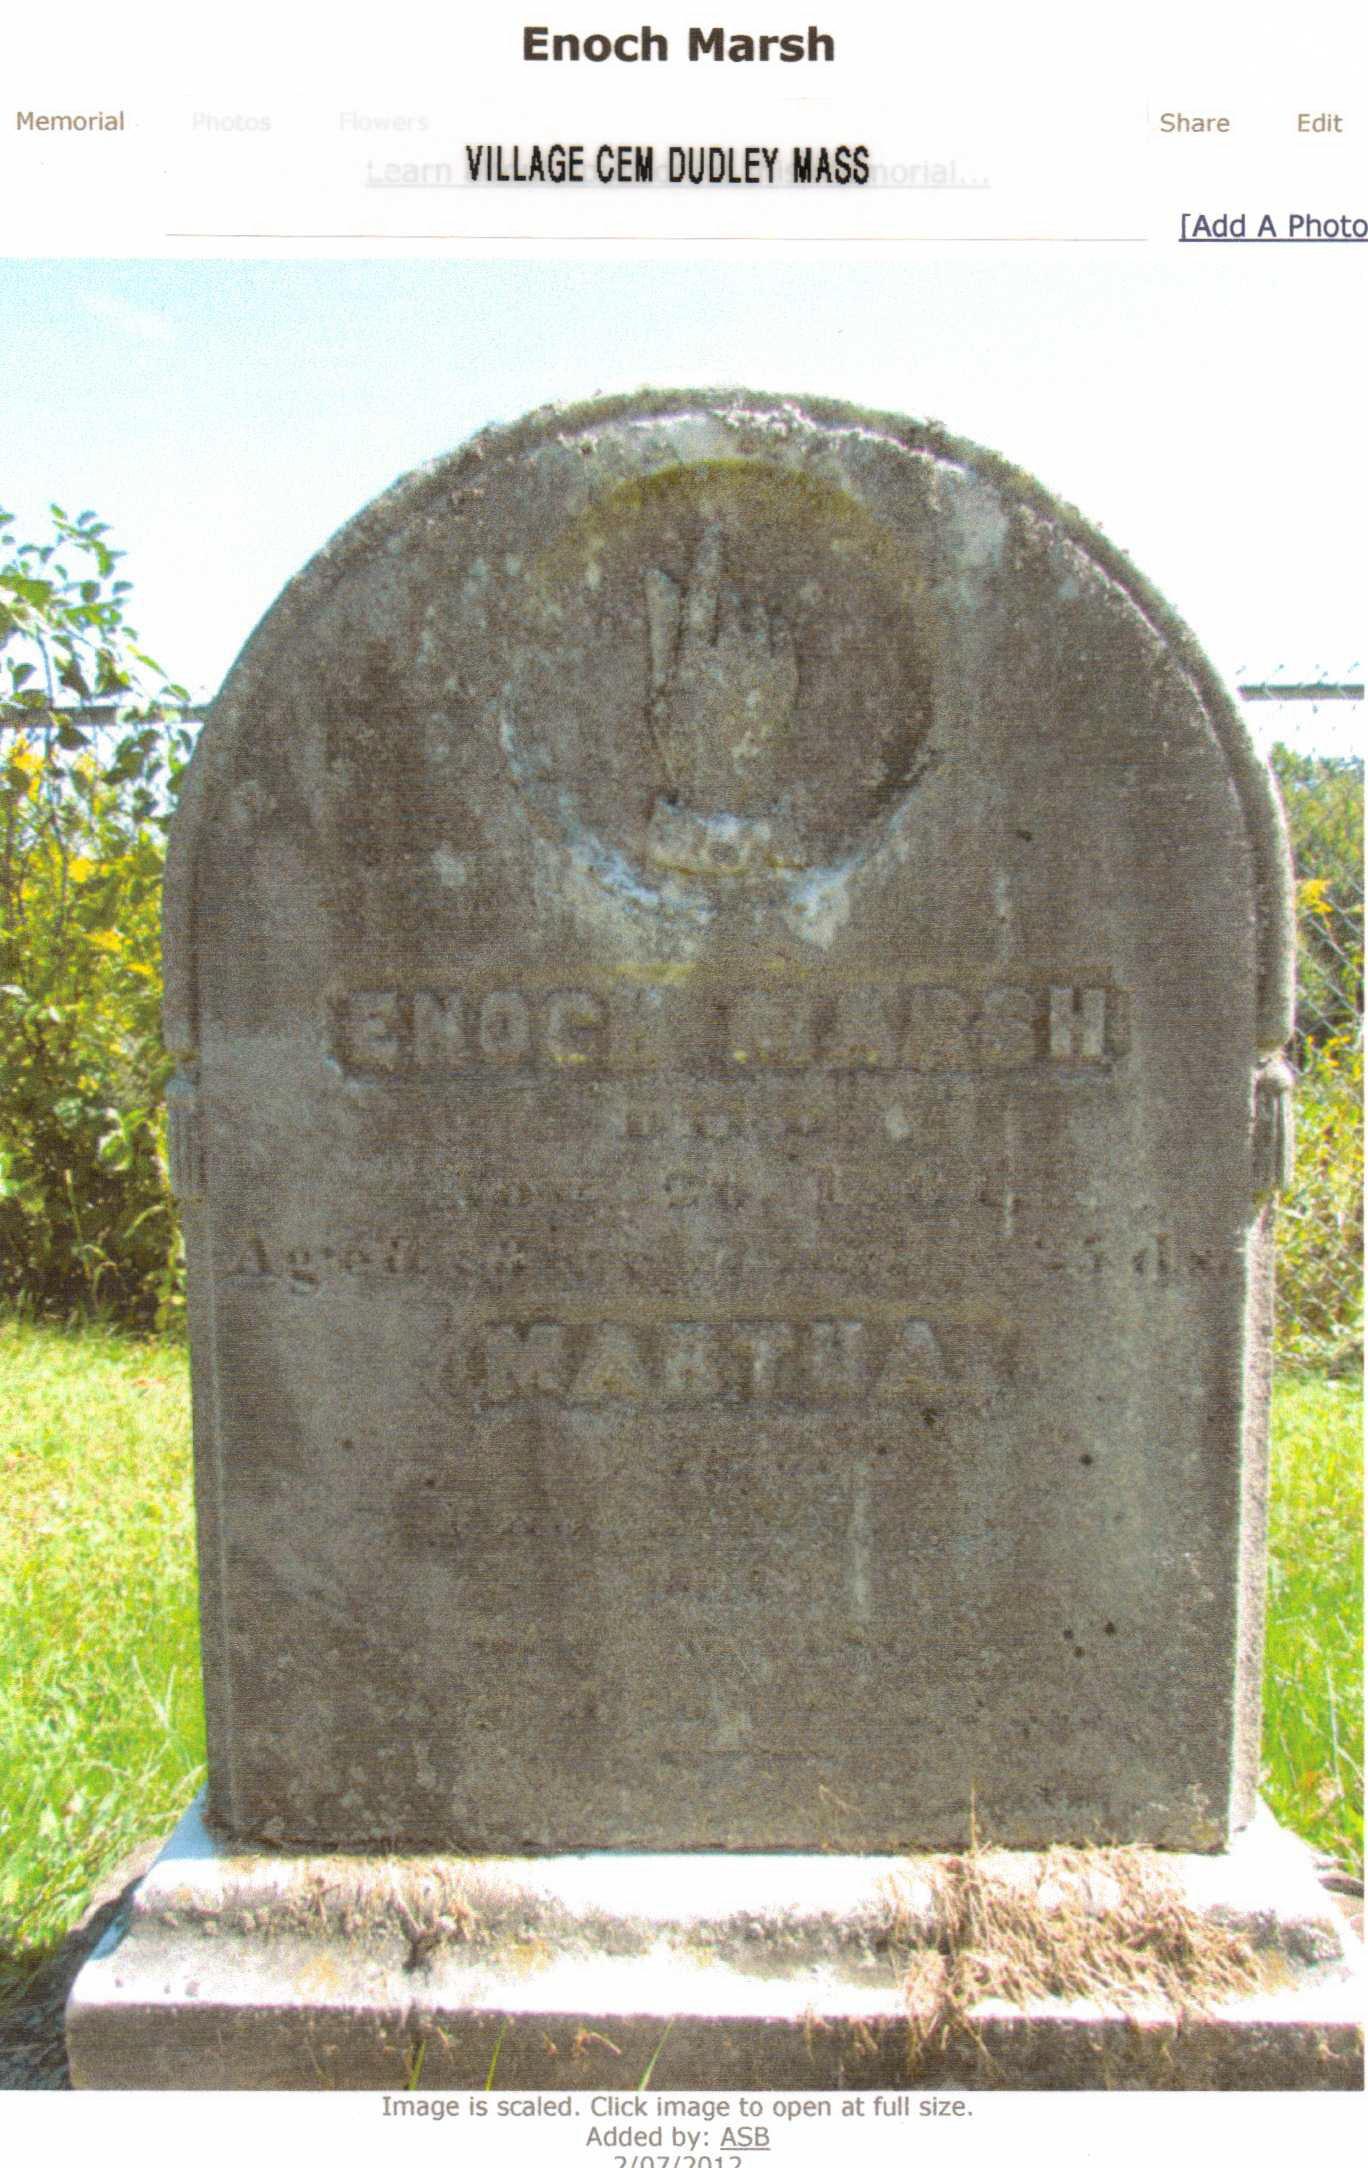 Enoch Marsh